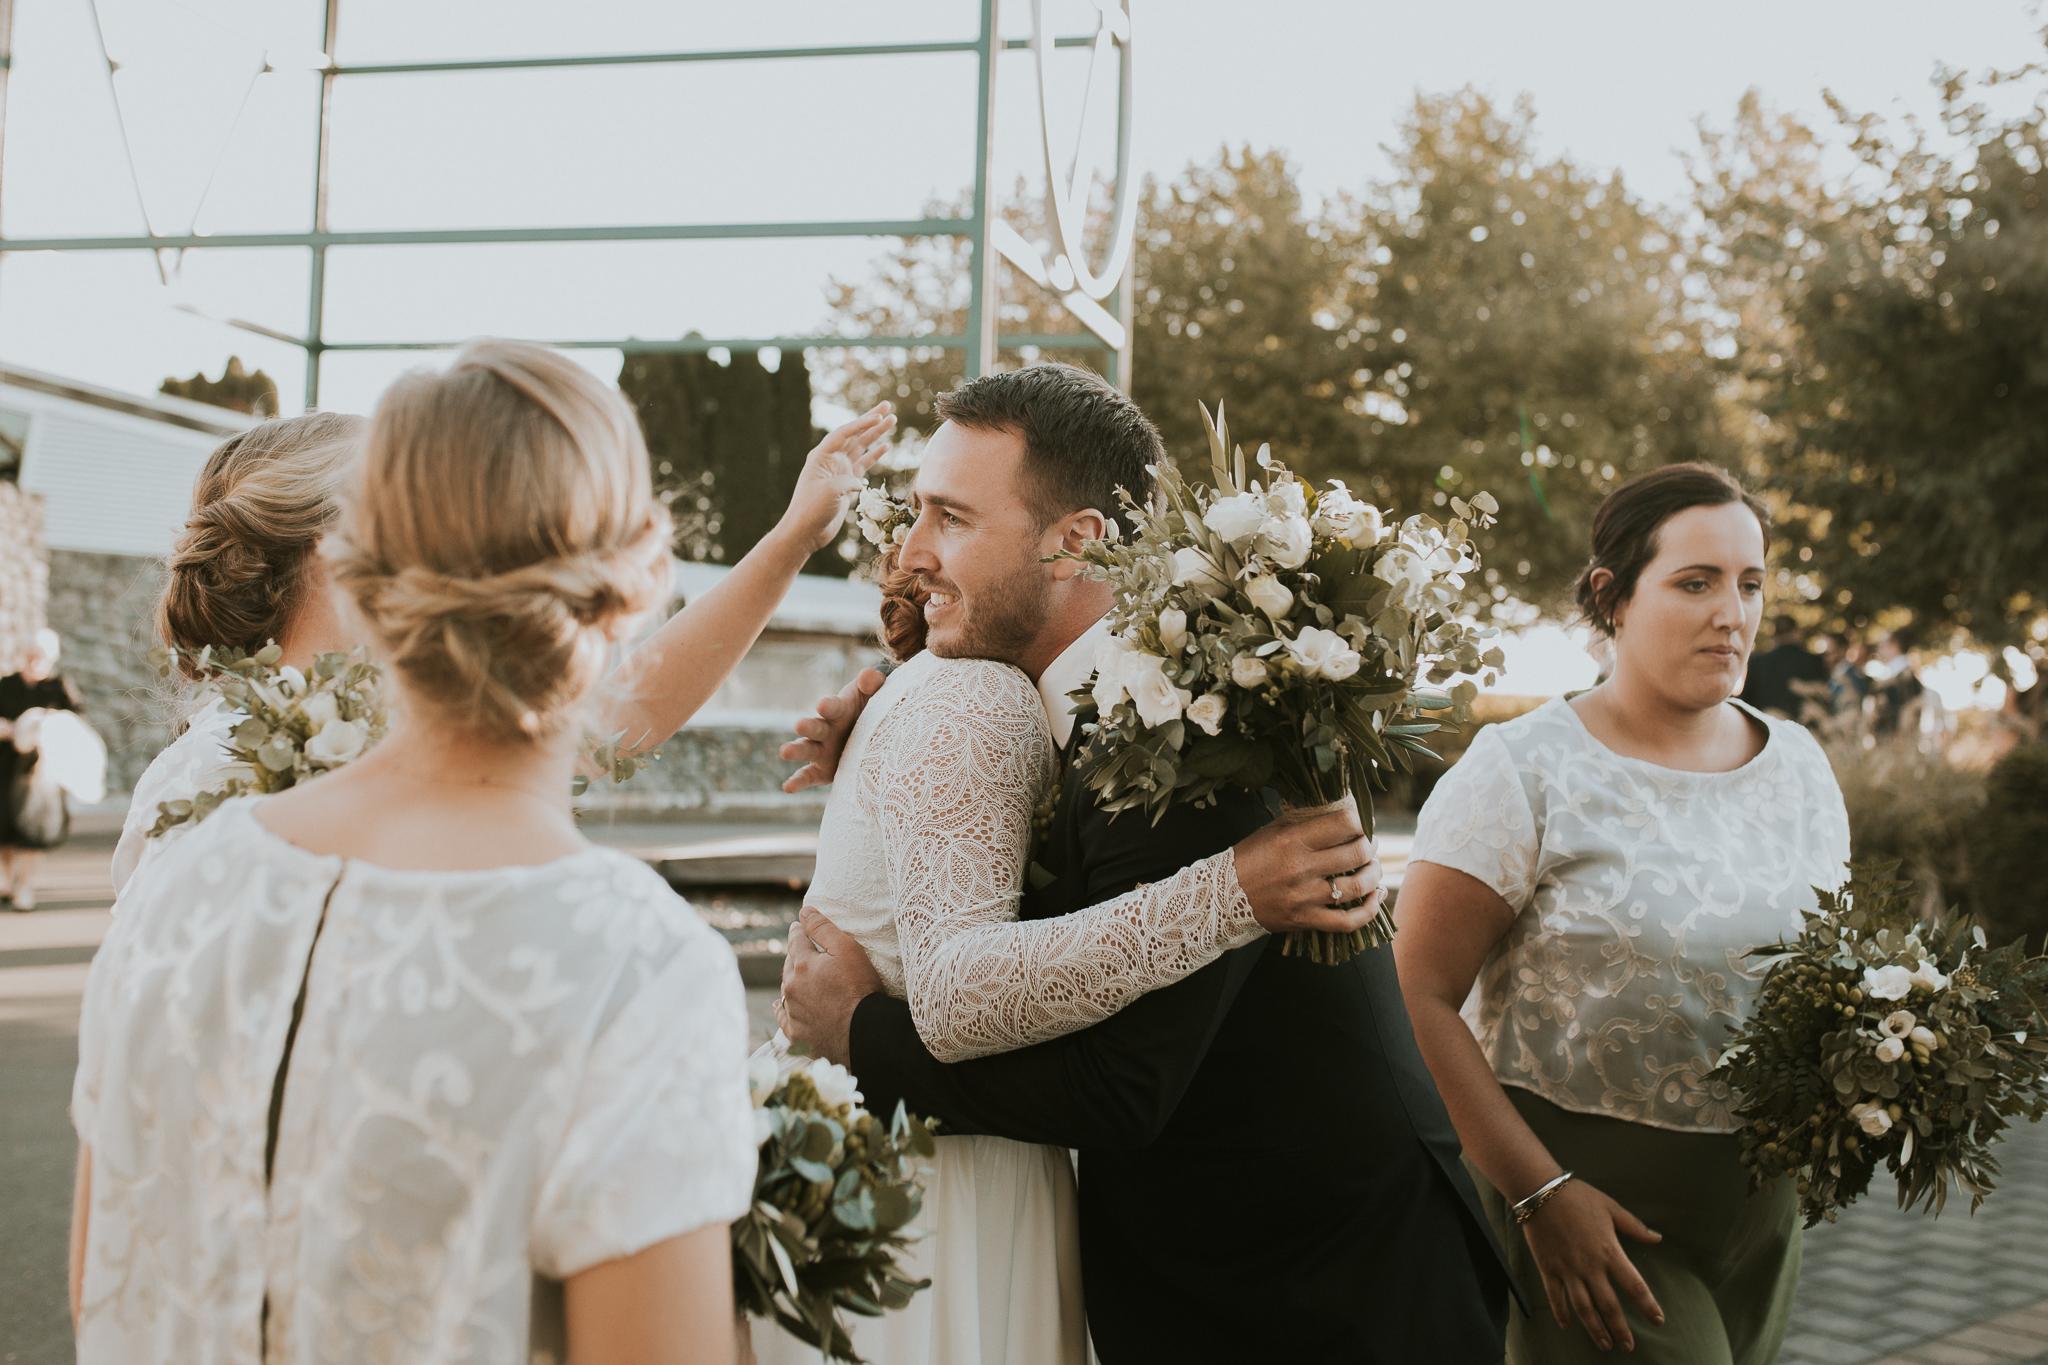 wedding photographer hawkes bay , Lisa Fisher Photography, Selini Winery Wedding -337.jpg